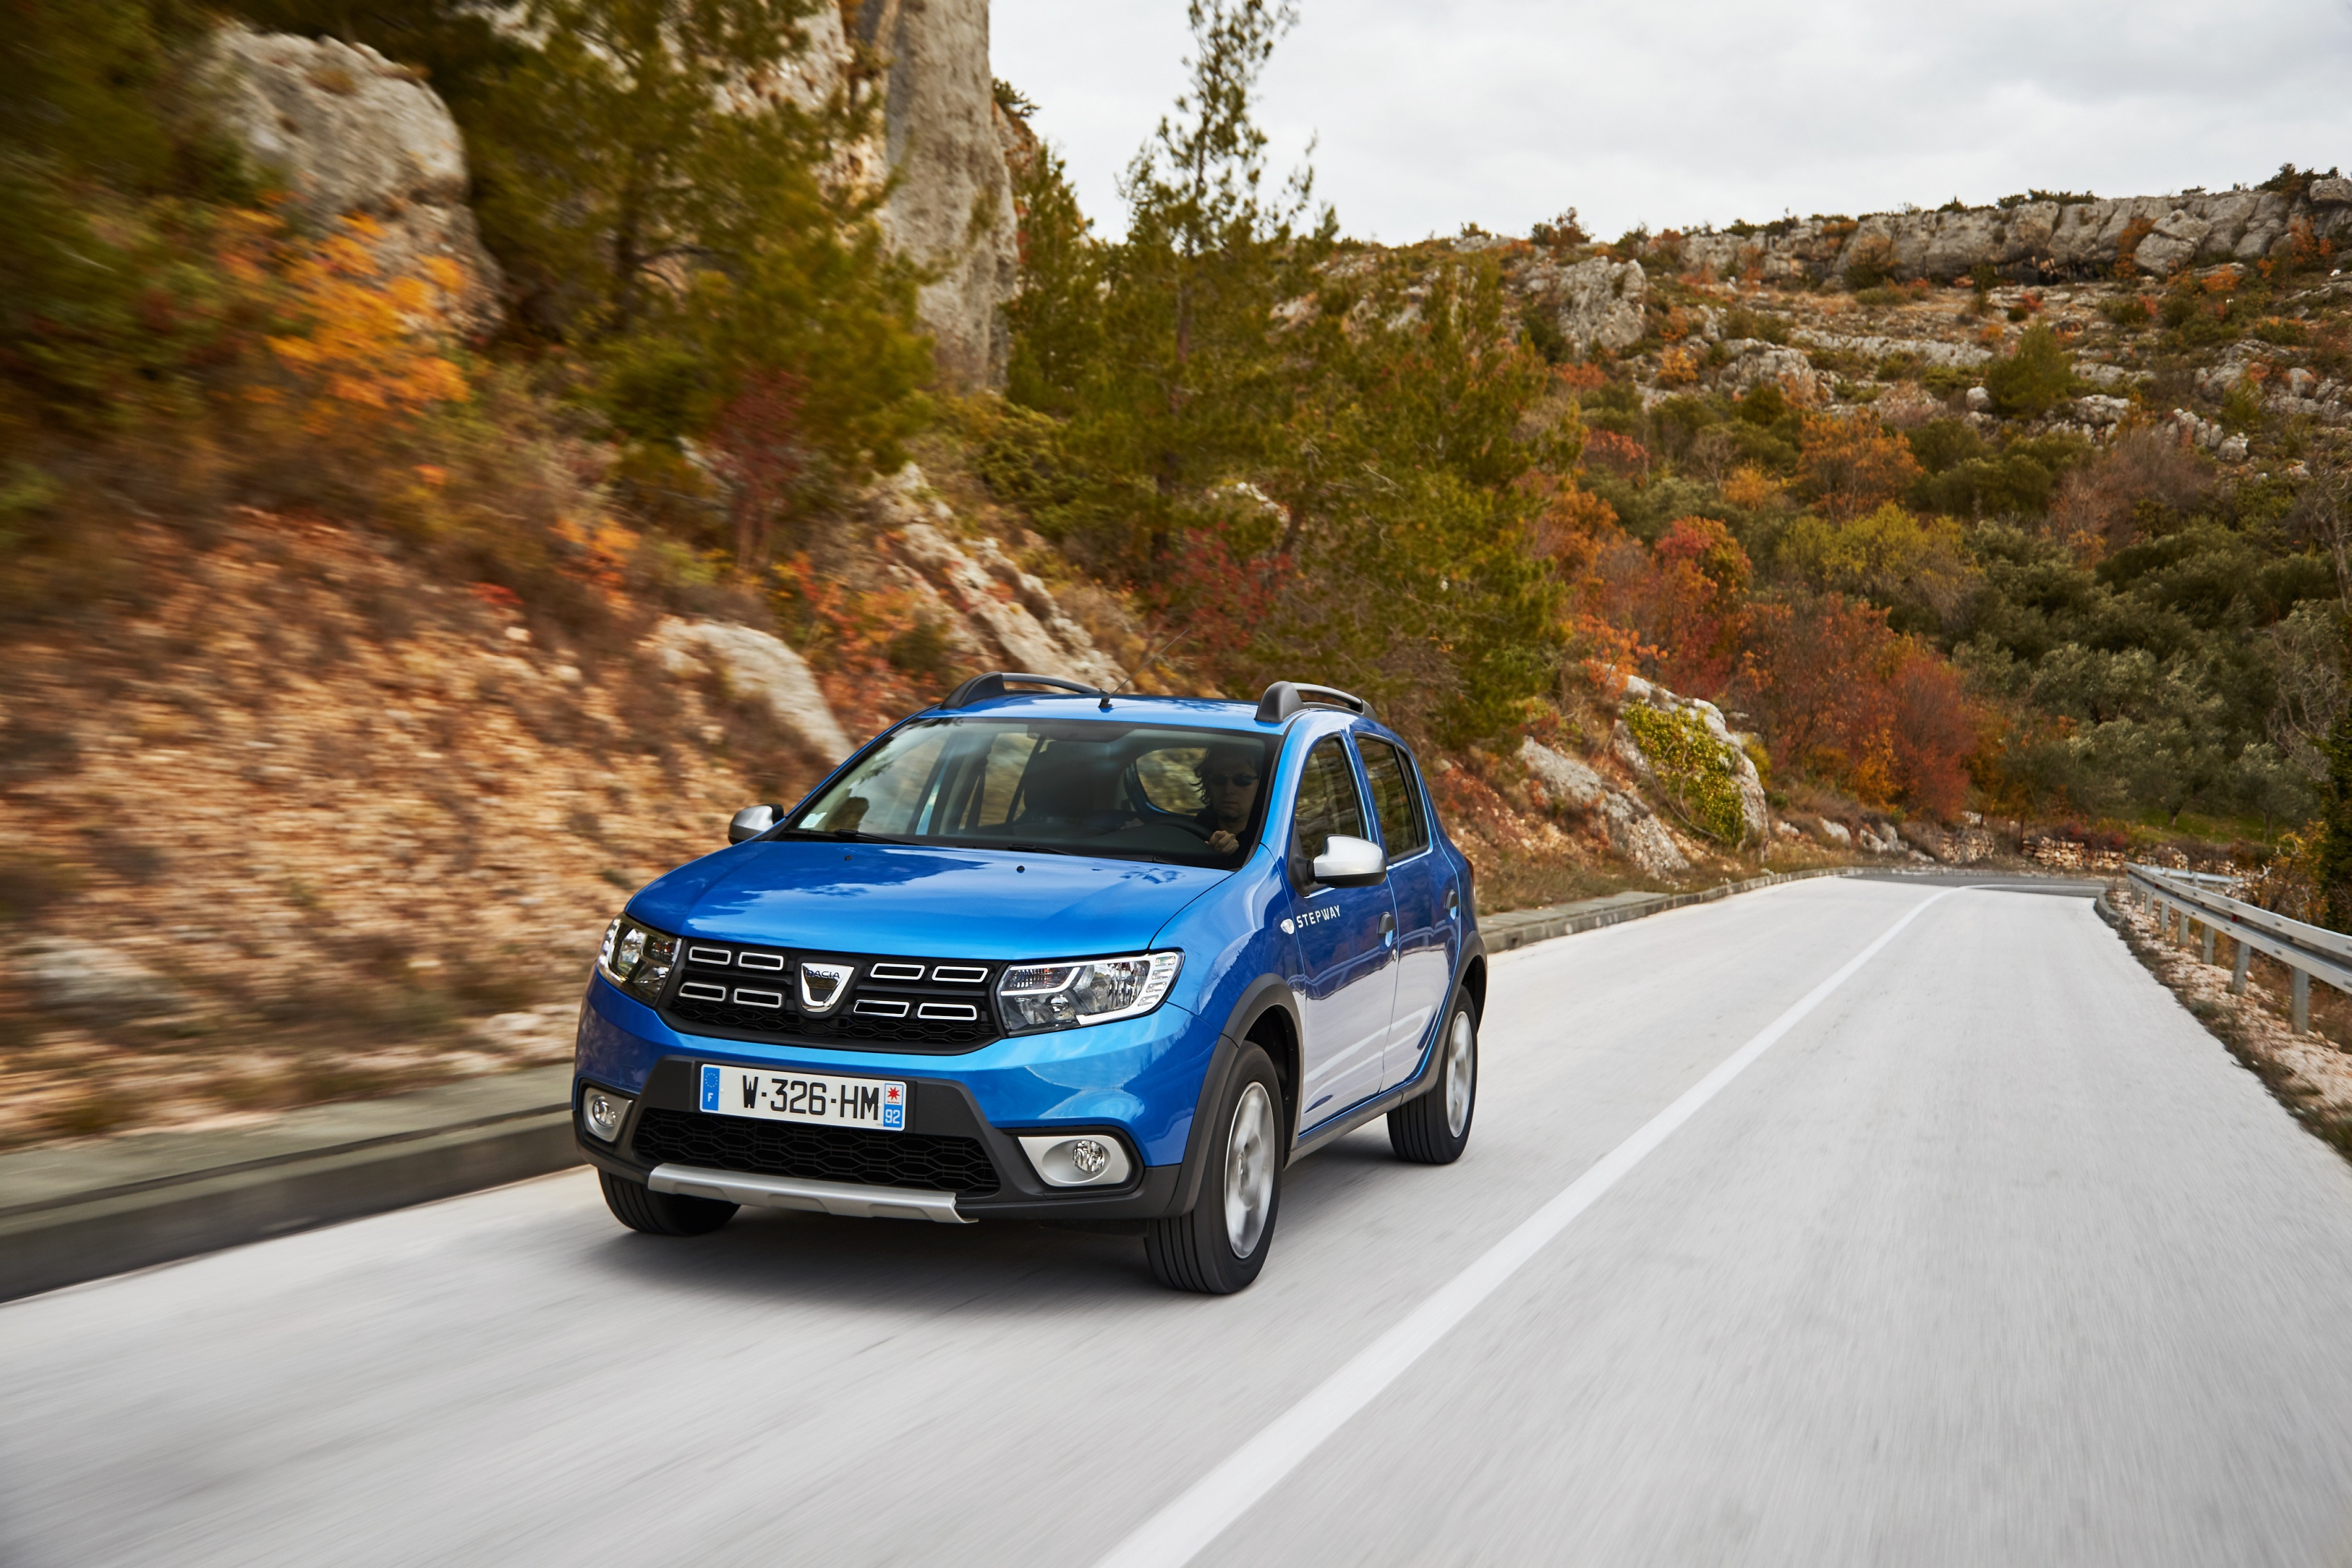 Dacia Haziran Ayında 12 Ay Yüzde 0 Faiz Kampanyası Gerçekleştiriyor